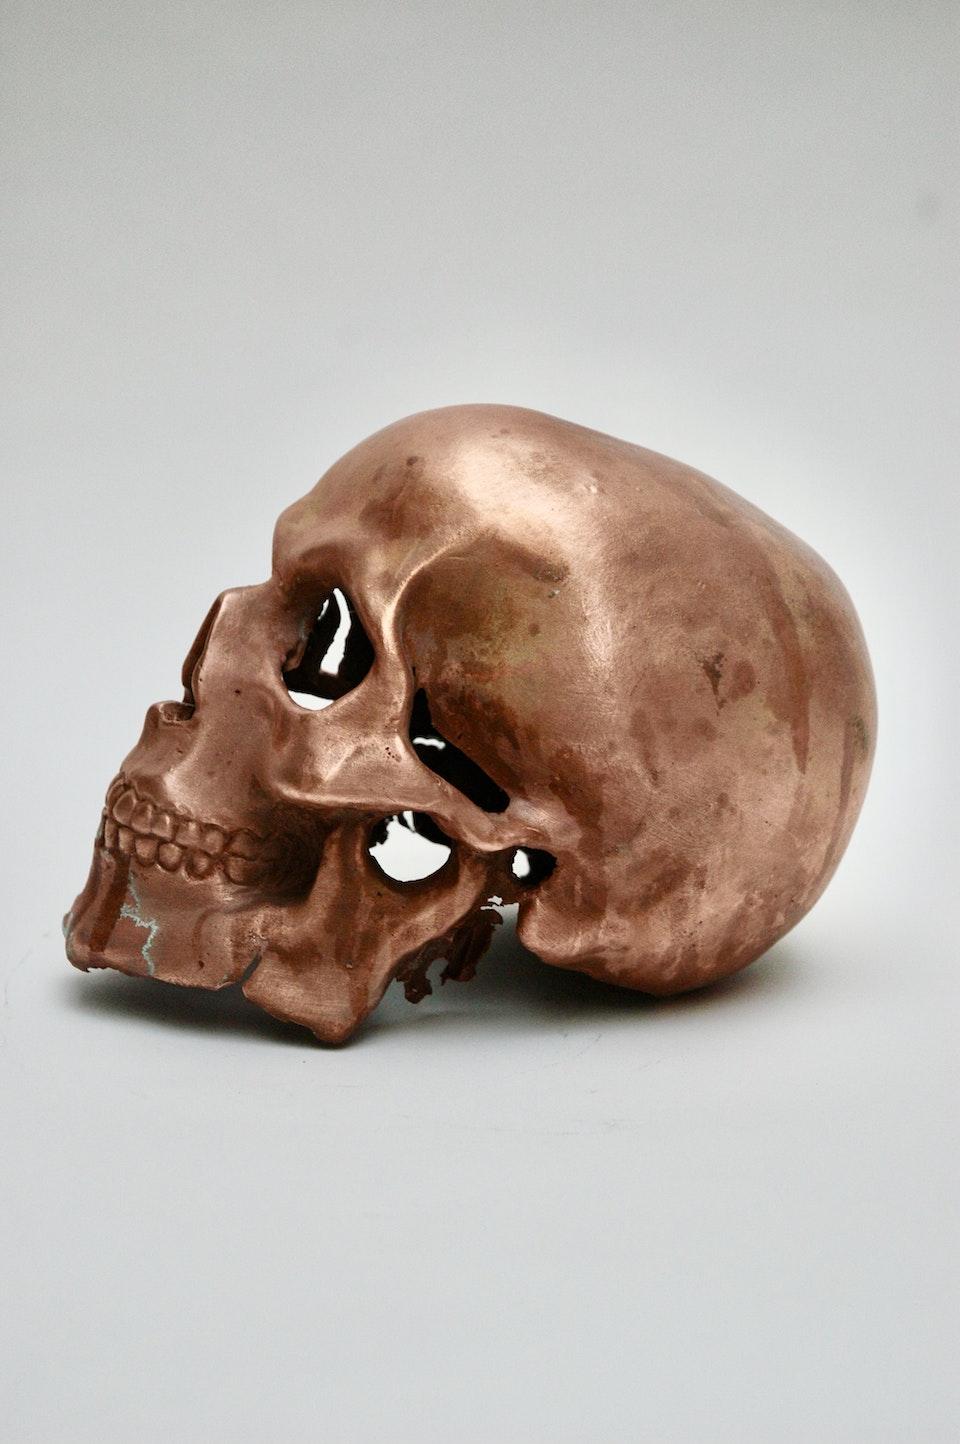 Copper Skull 357F6EC9-8EE2-4400-AB2C-7FF622456C3E_1_201_a